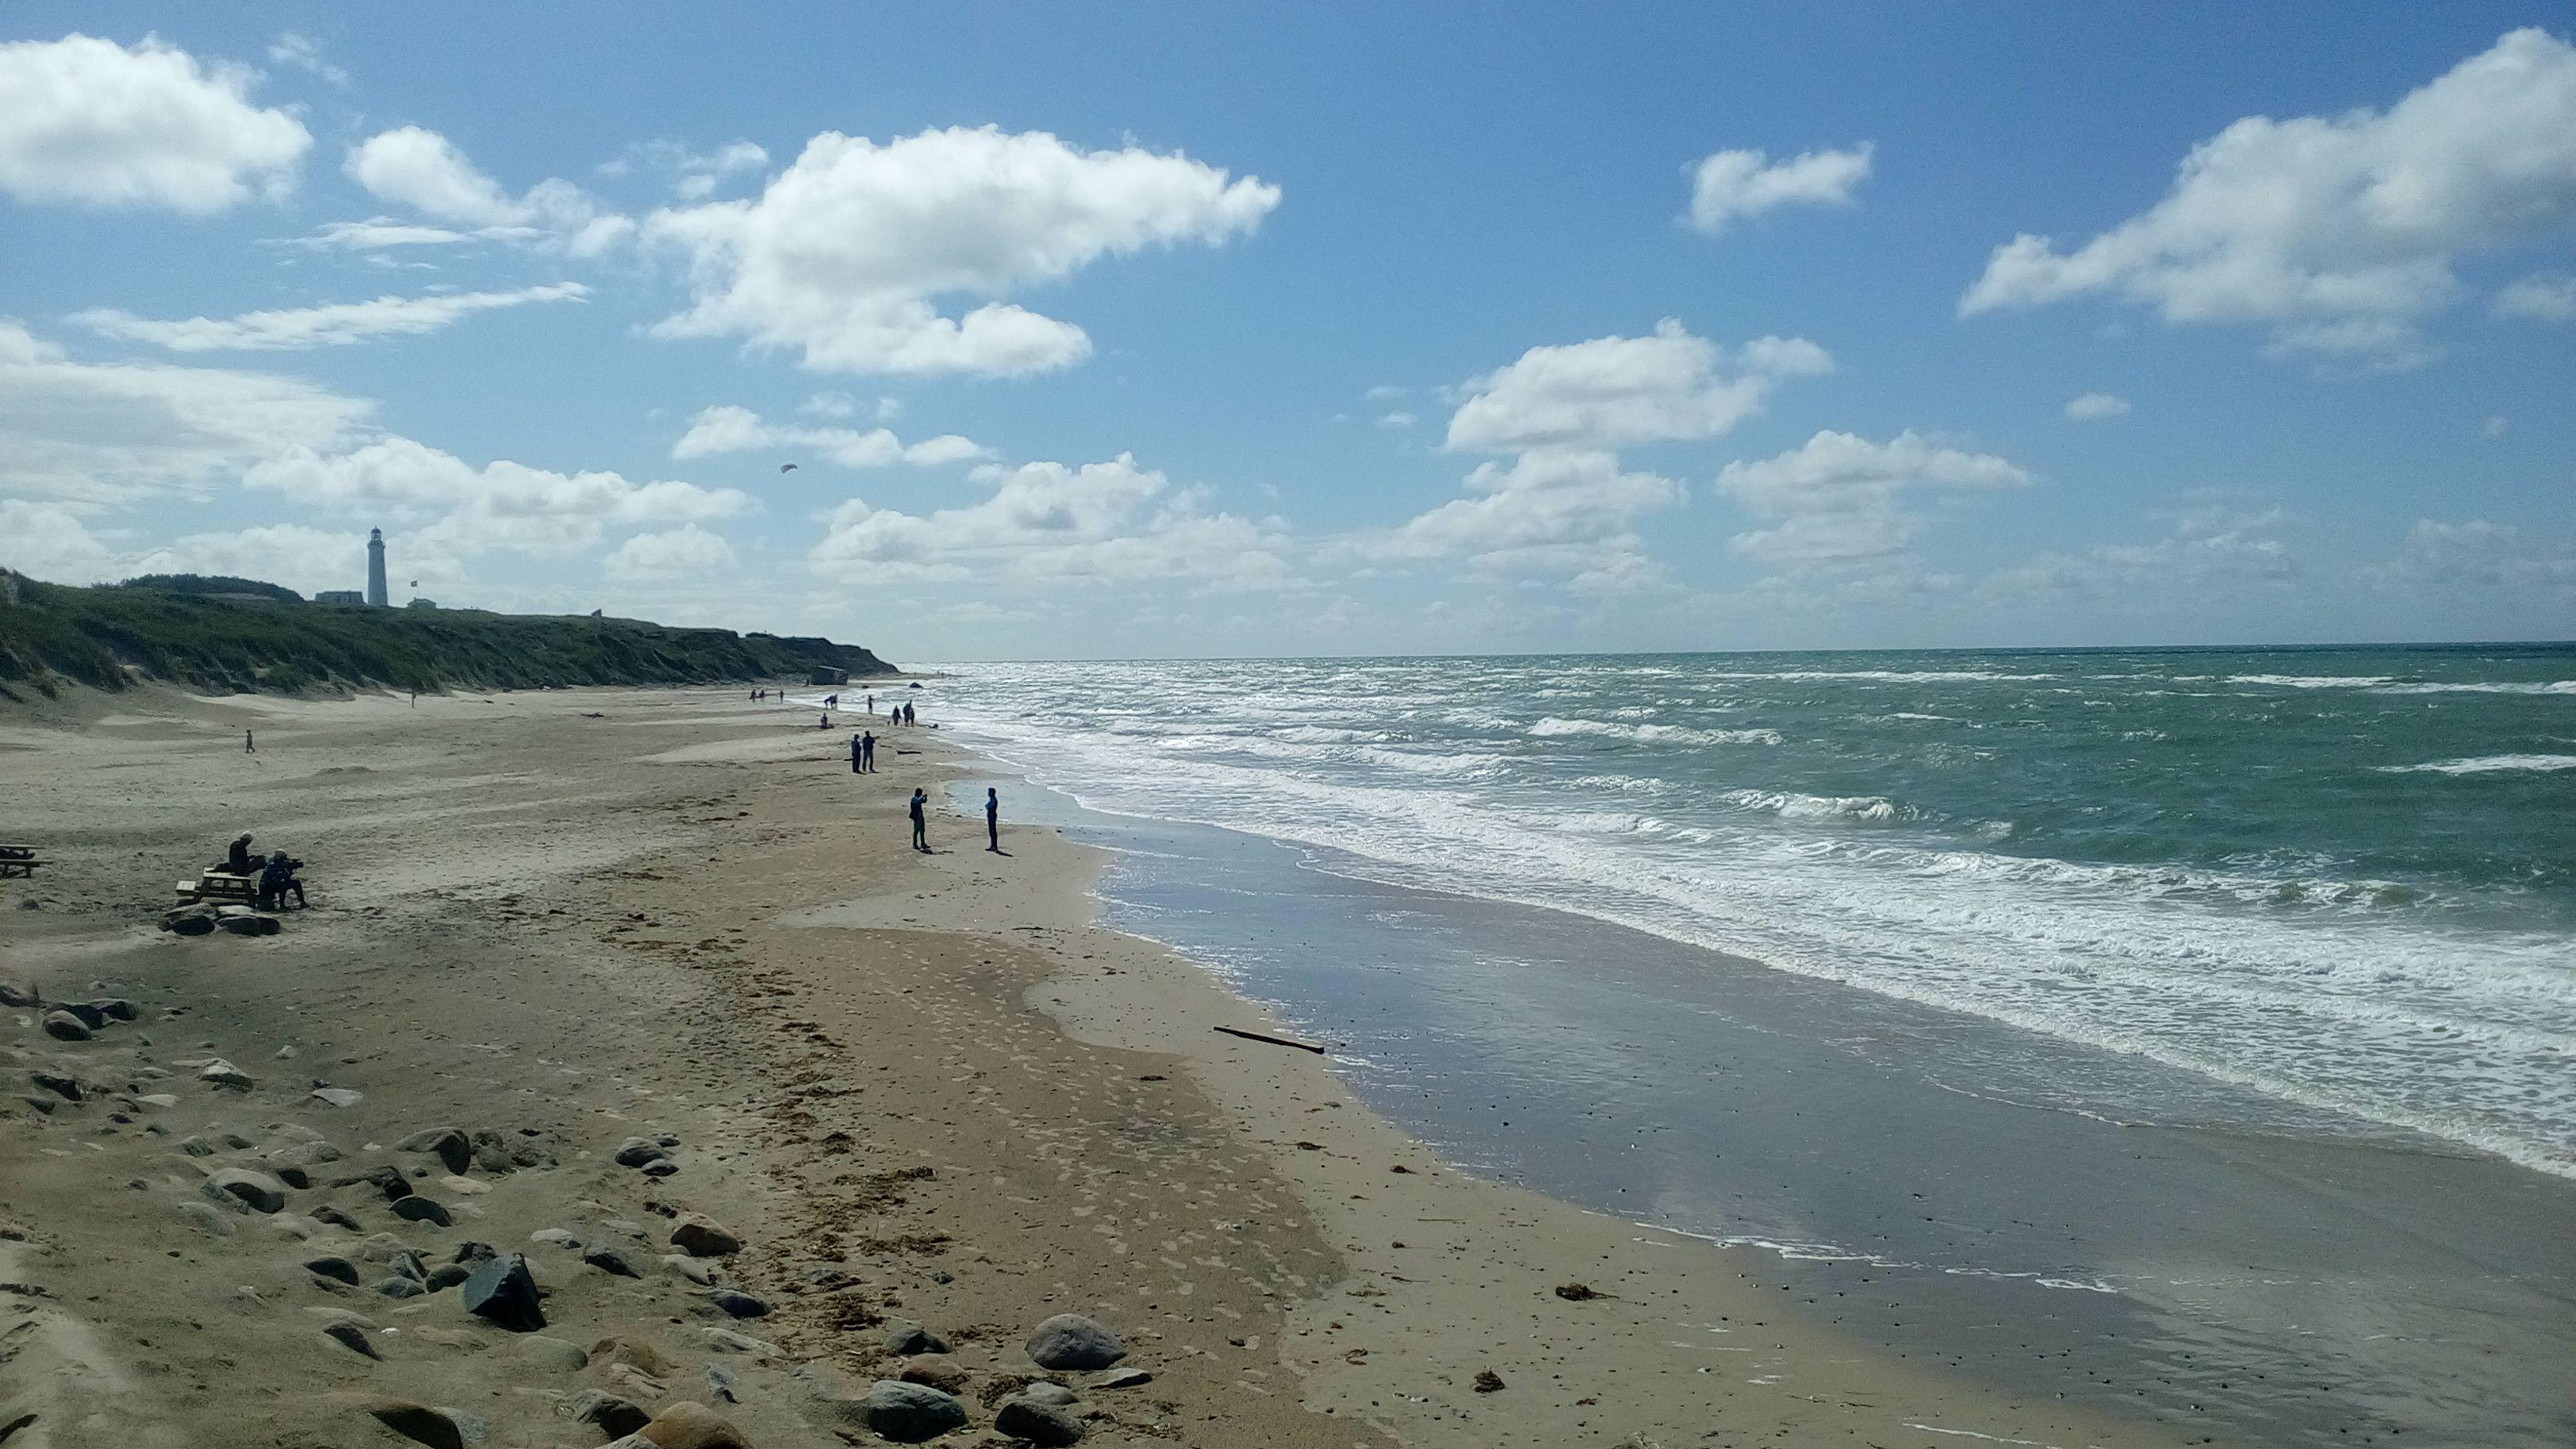 Hirtshals beach